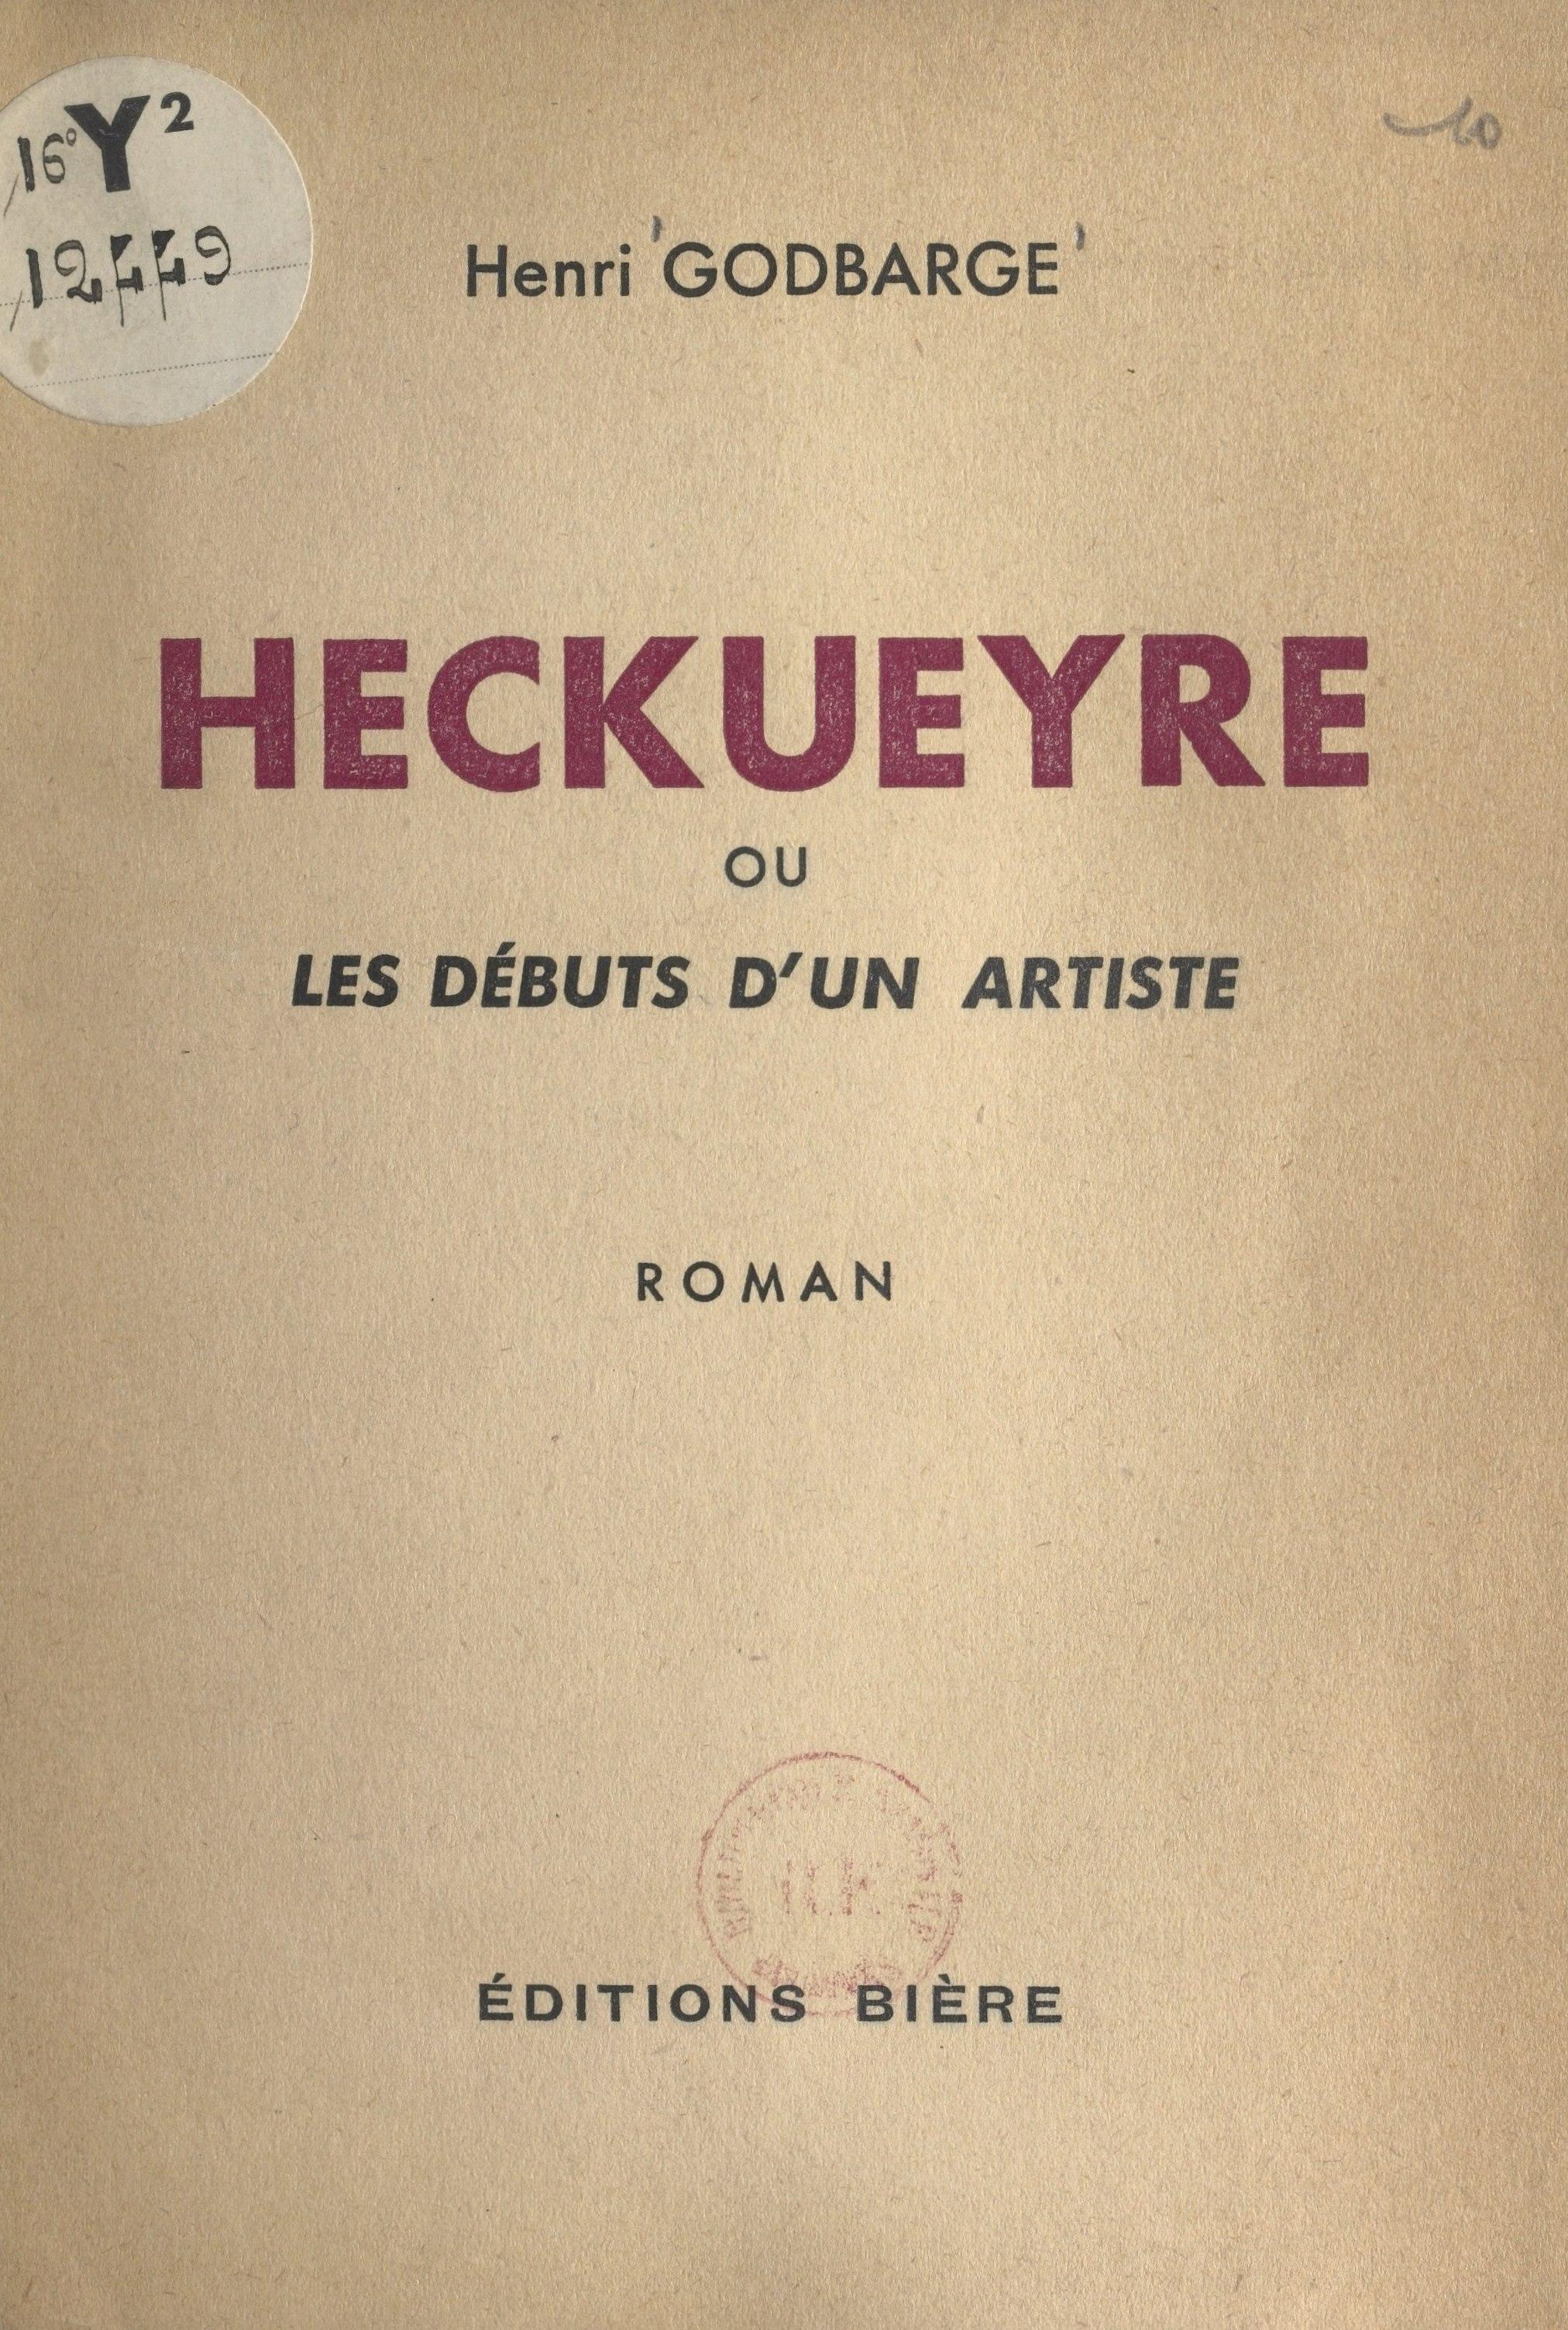 Heckueyre, OU LES DÉBUTS D'UN ARTISTE